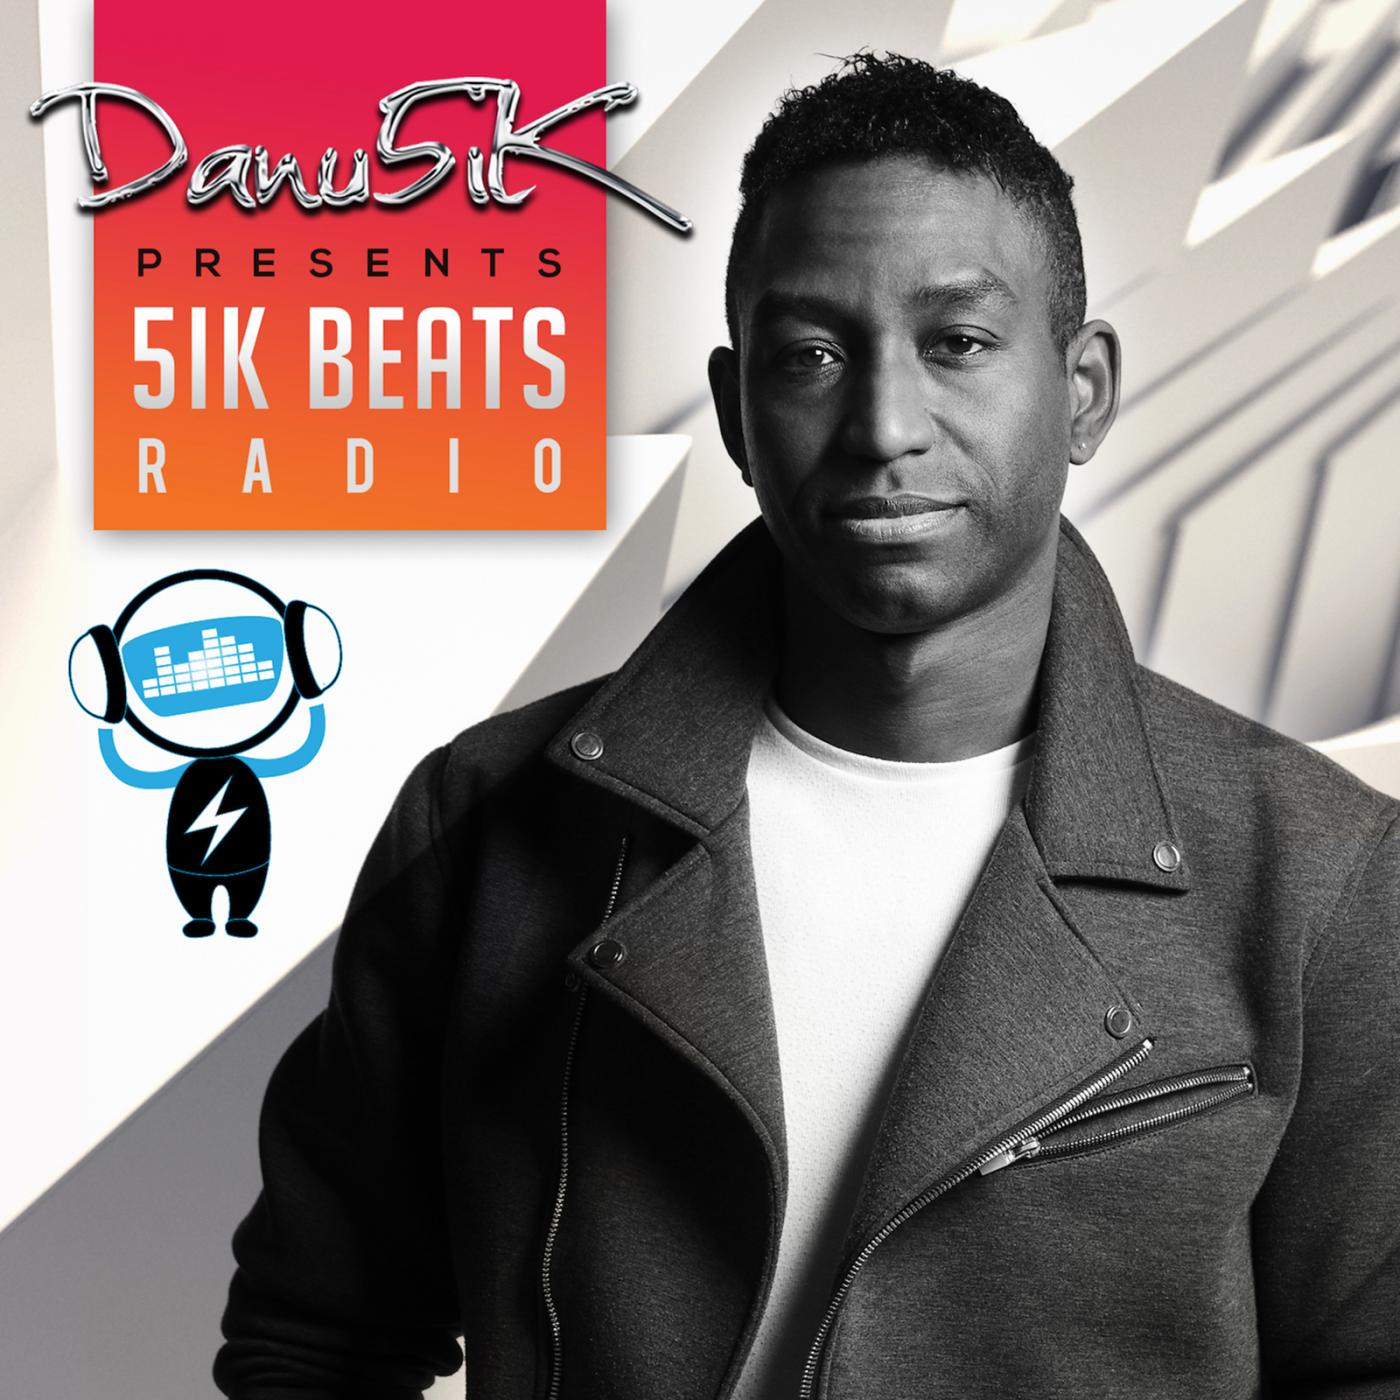 5ik Beats Radio 097 | Danu5ik